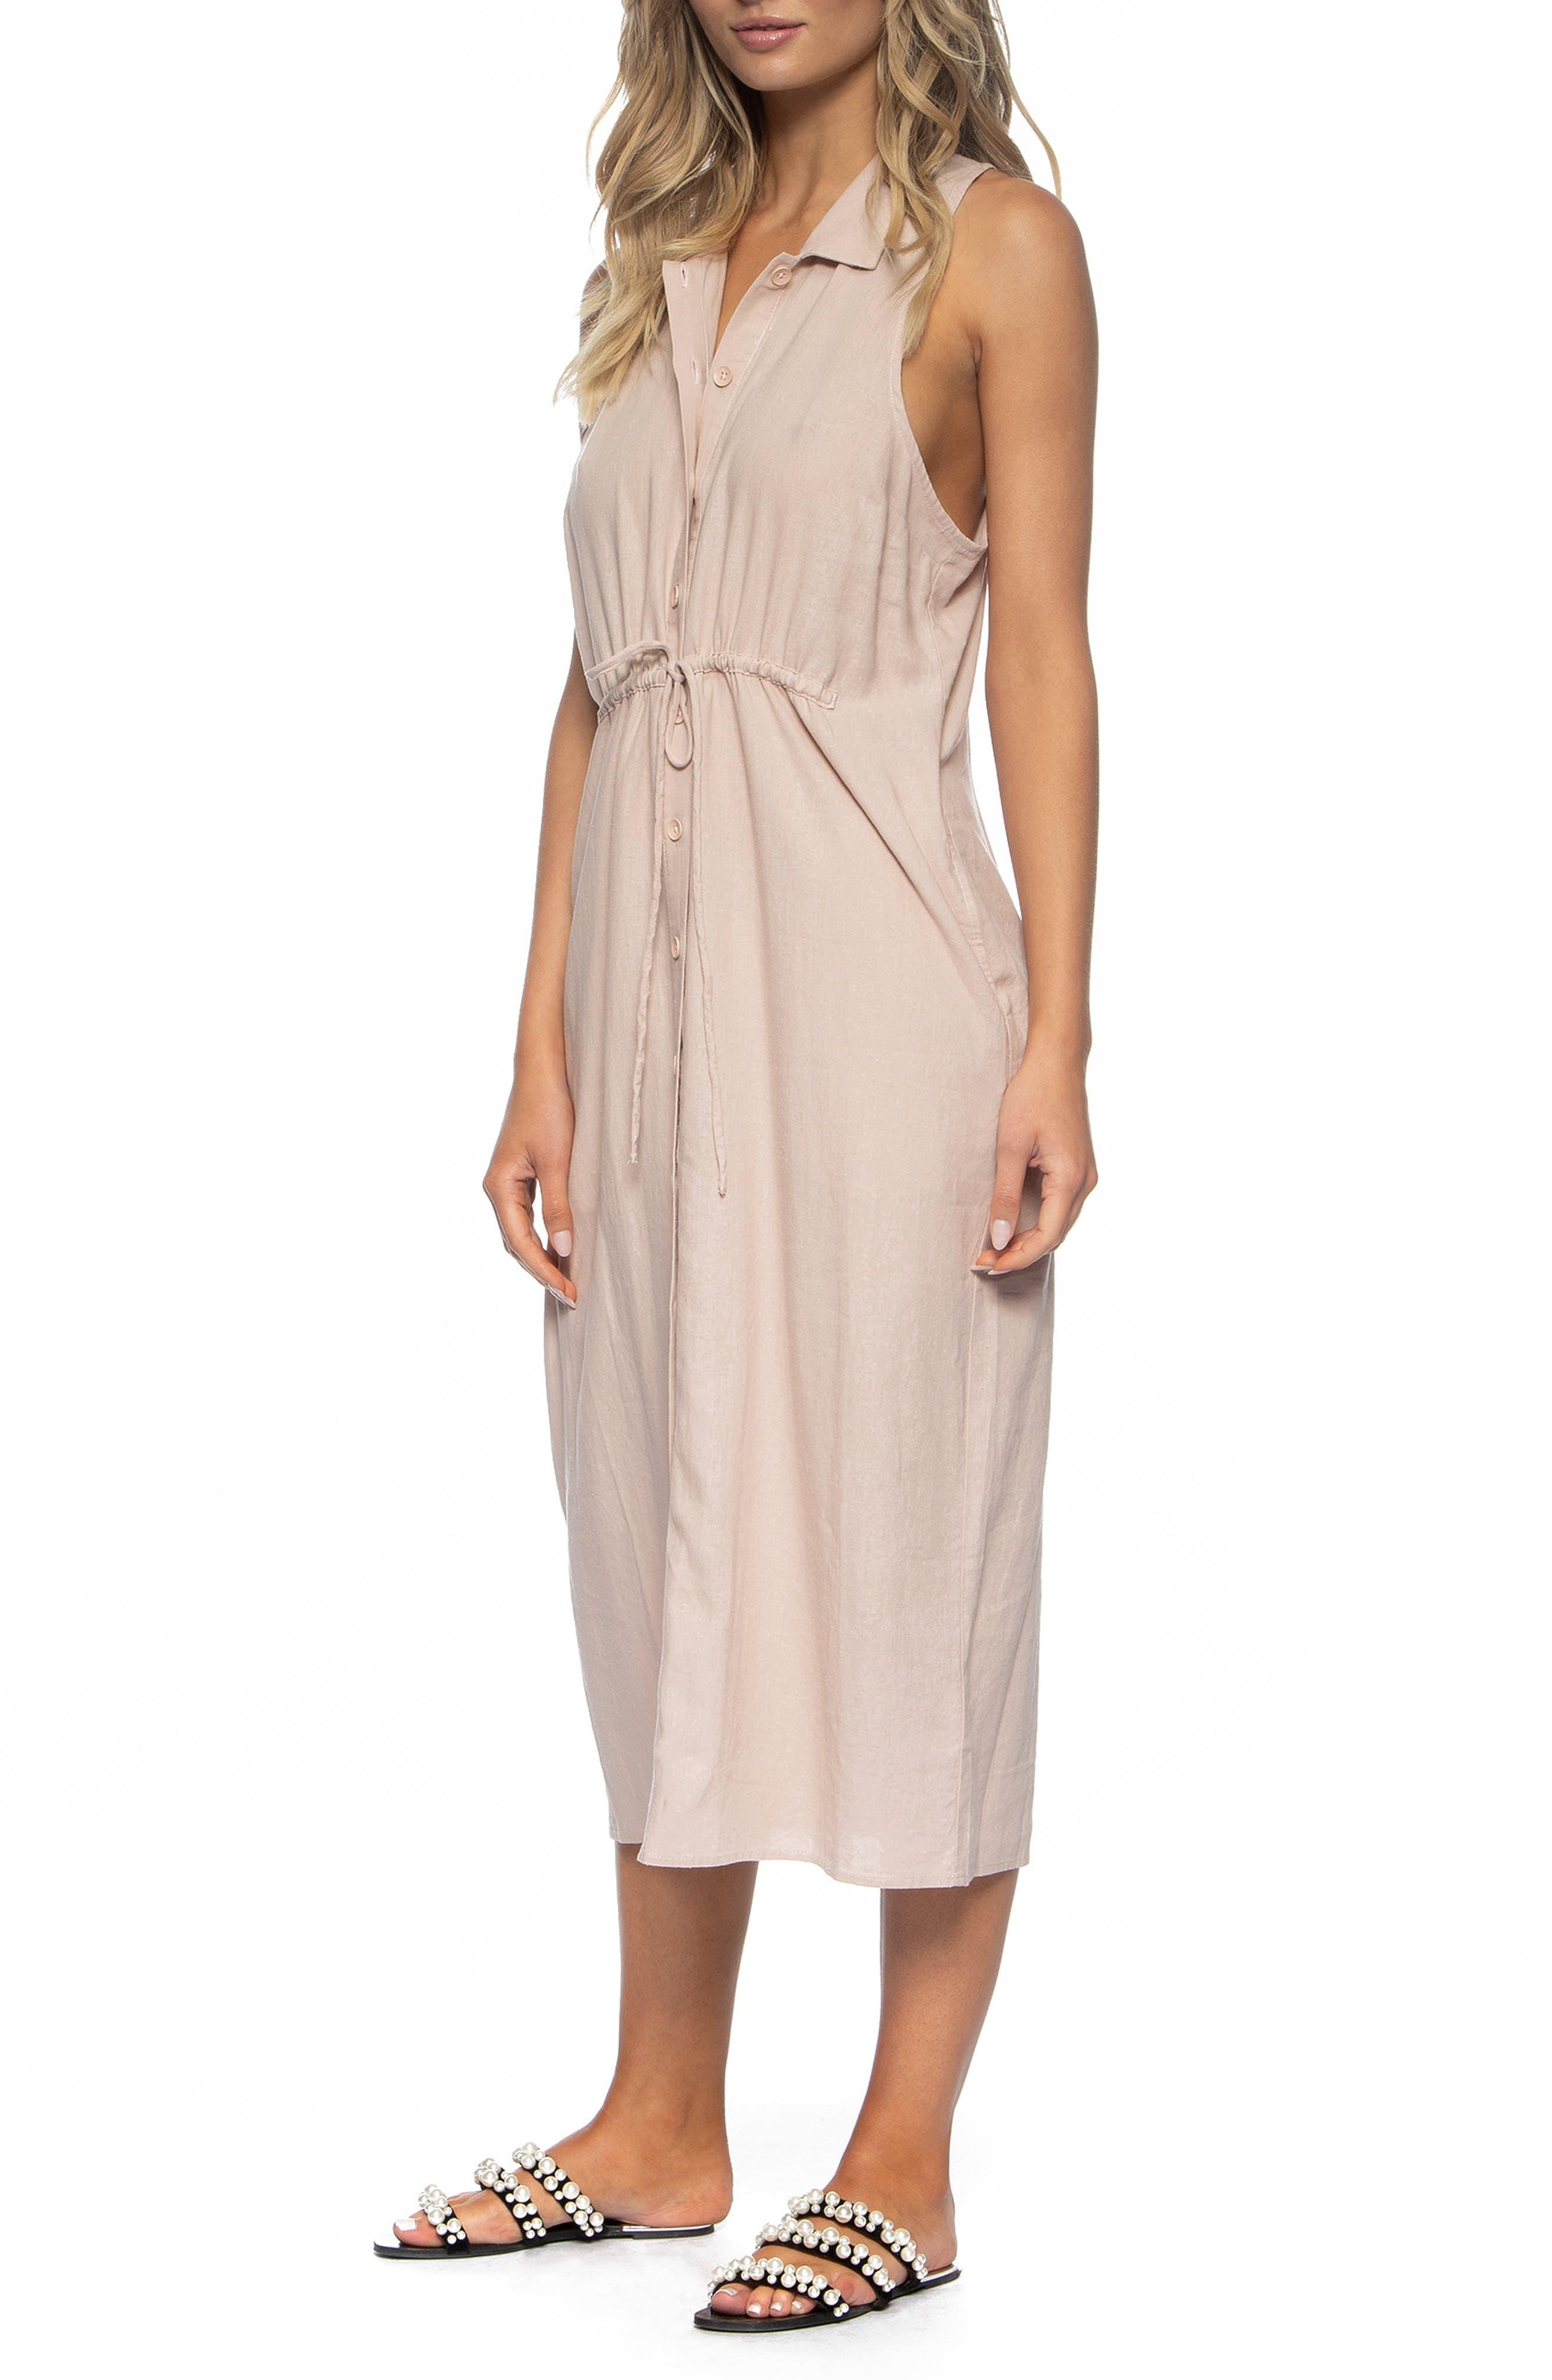 TAVIK, Maggie Cover-Up Midi Dress, Alternate thumbnail 3, color, SEASHELL